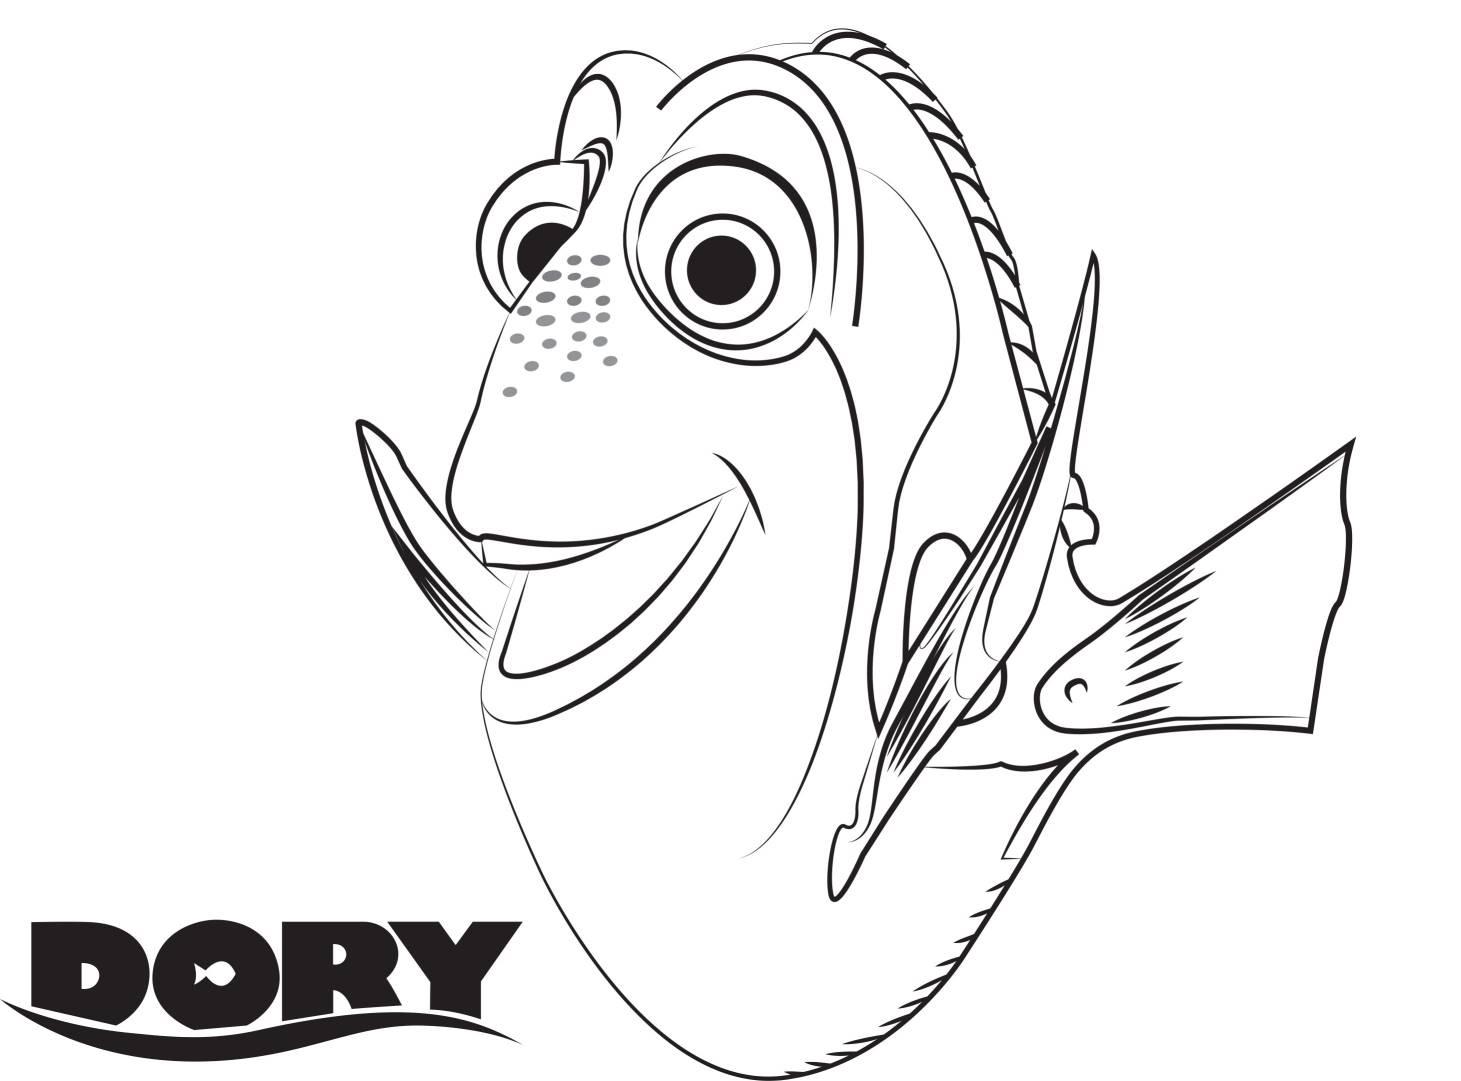 Alla Ricerca Di Dory | Disegni Da Colorare à Coloriage Finding Dory